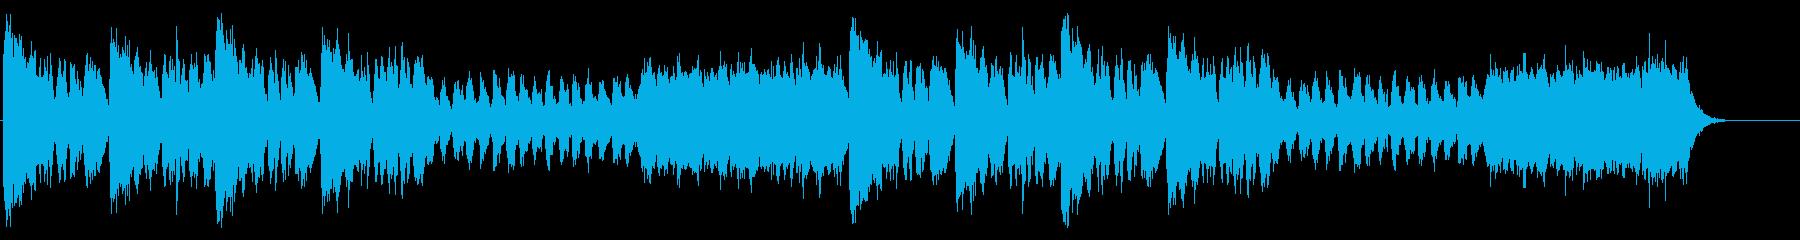 お城で流れるようなBGMです。の再生済みの波形